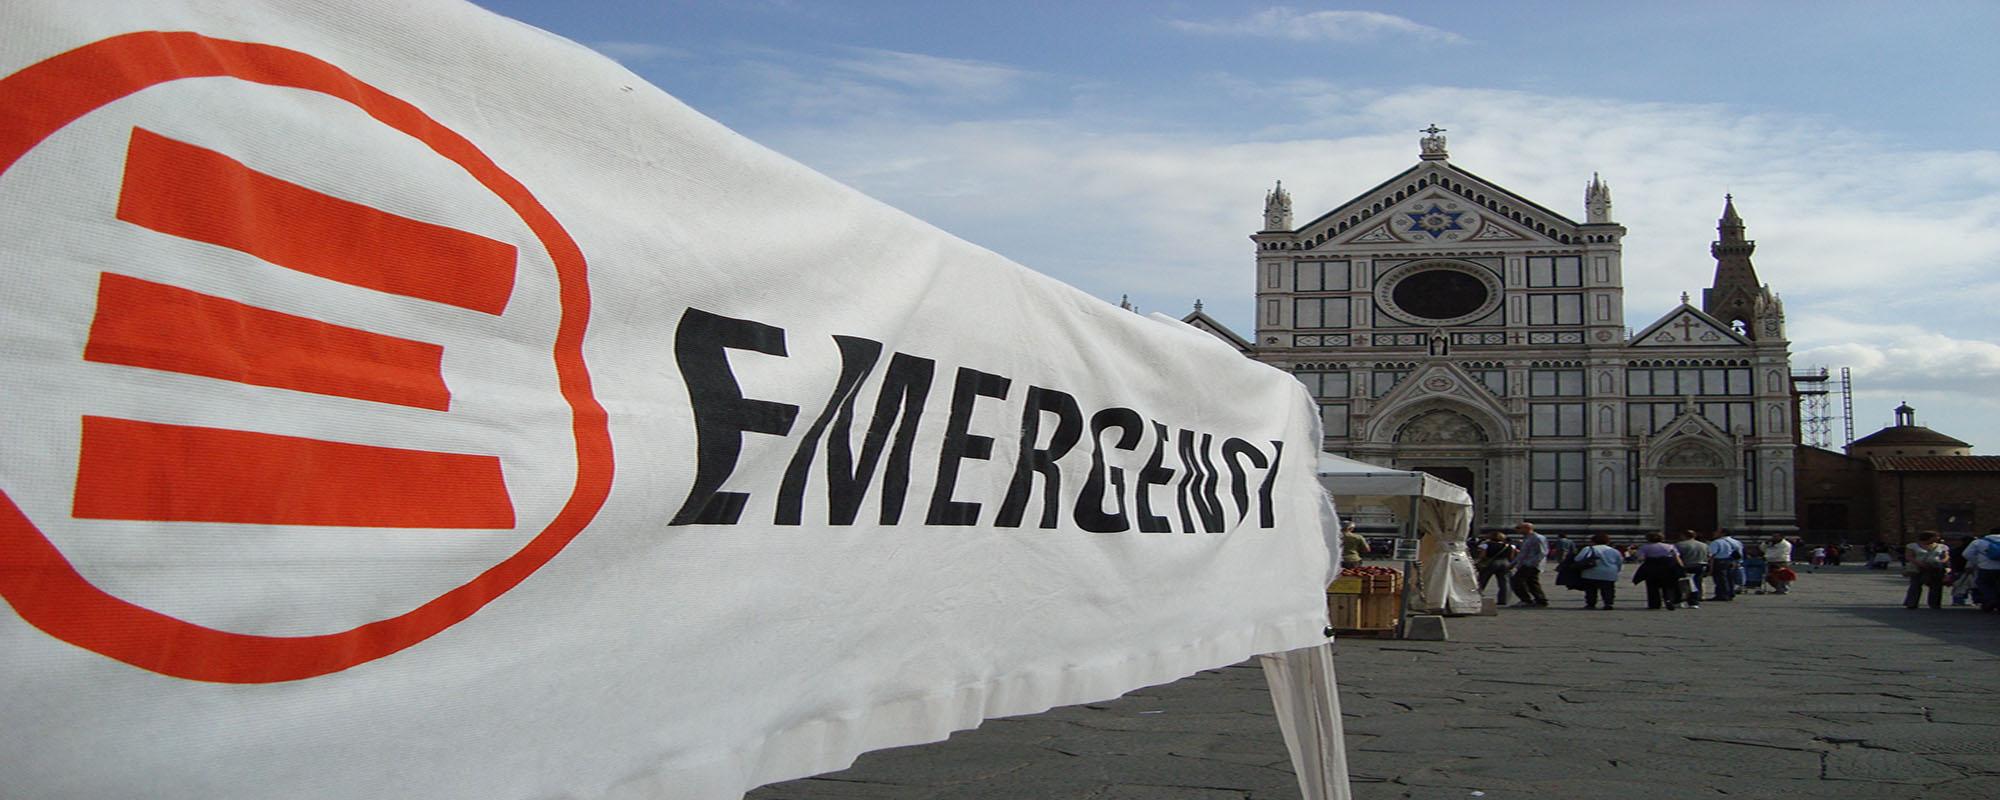 Emergency Firenze